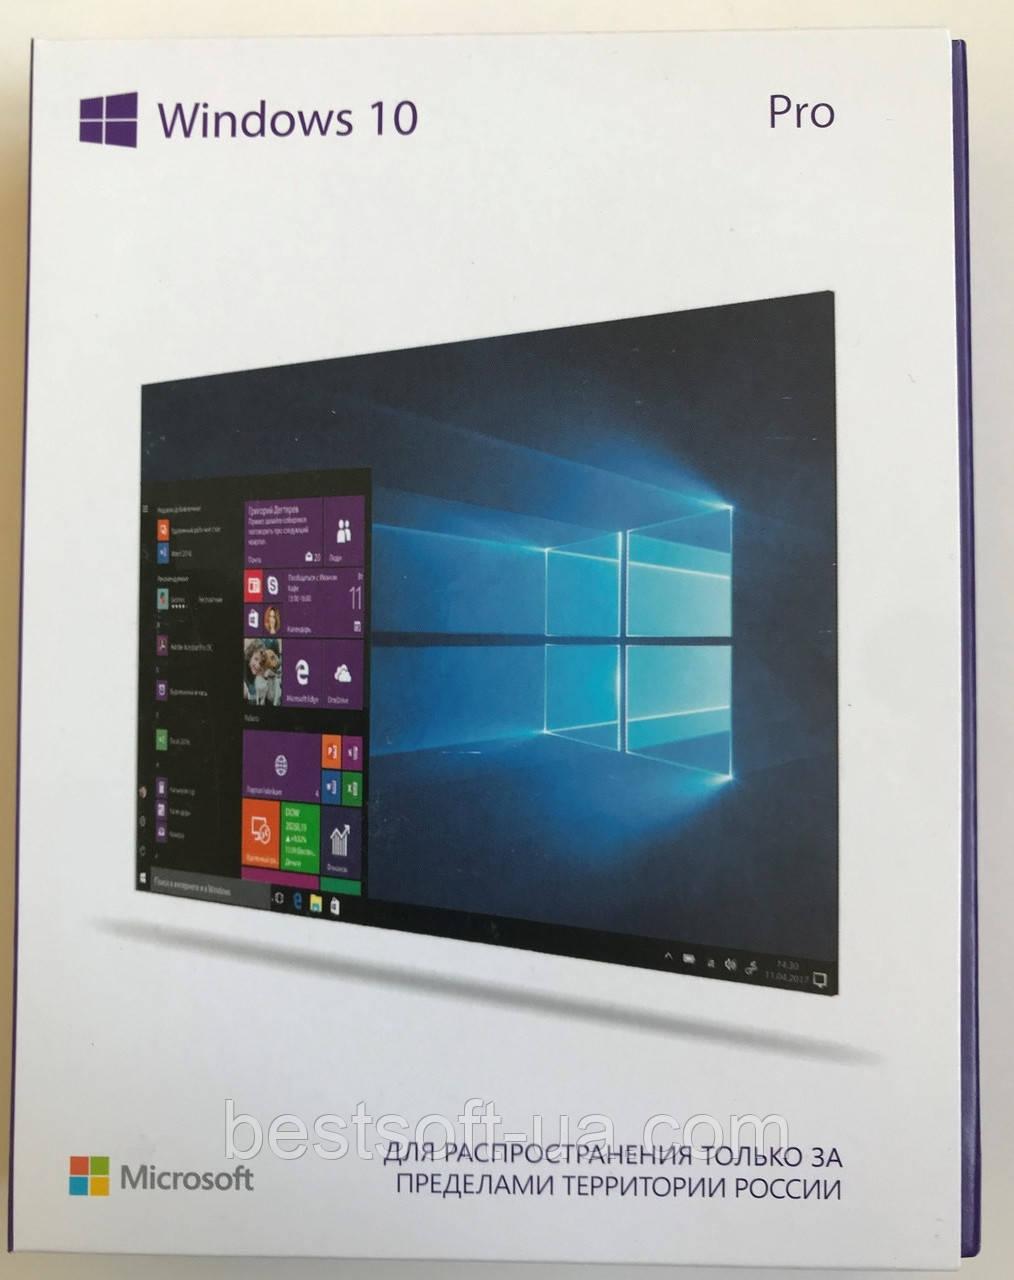 Microsoft Windows 10 Профессиональная, RUS, Box-версия (FQC-10151) вскрытая упаковка, фото 1